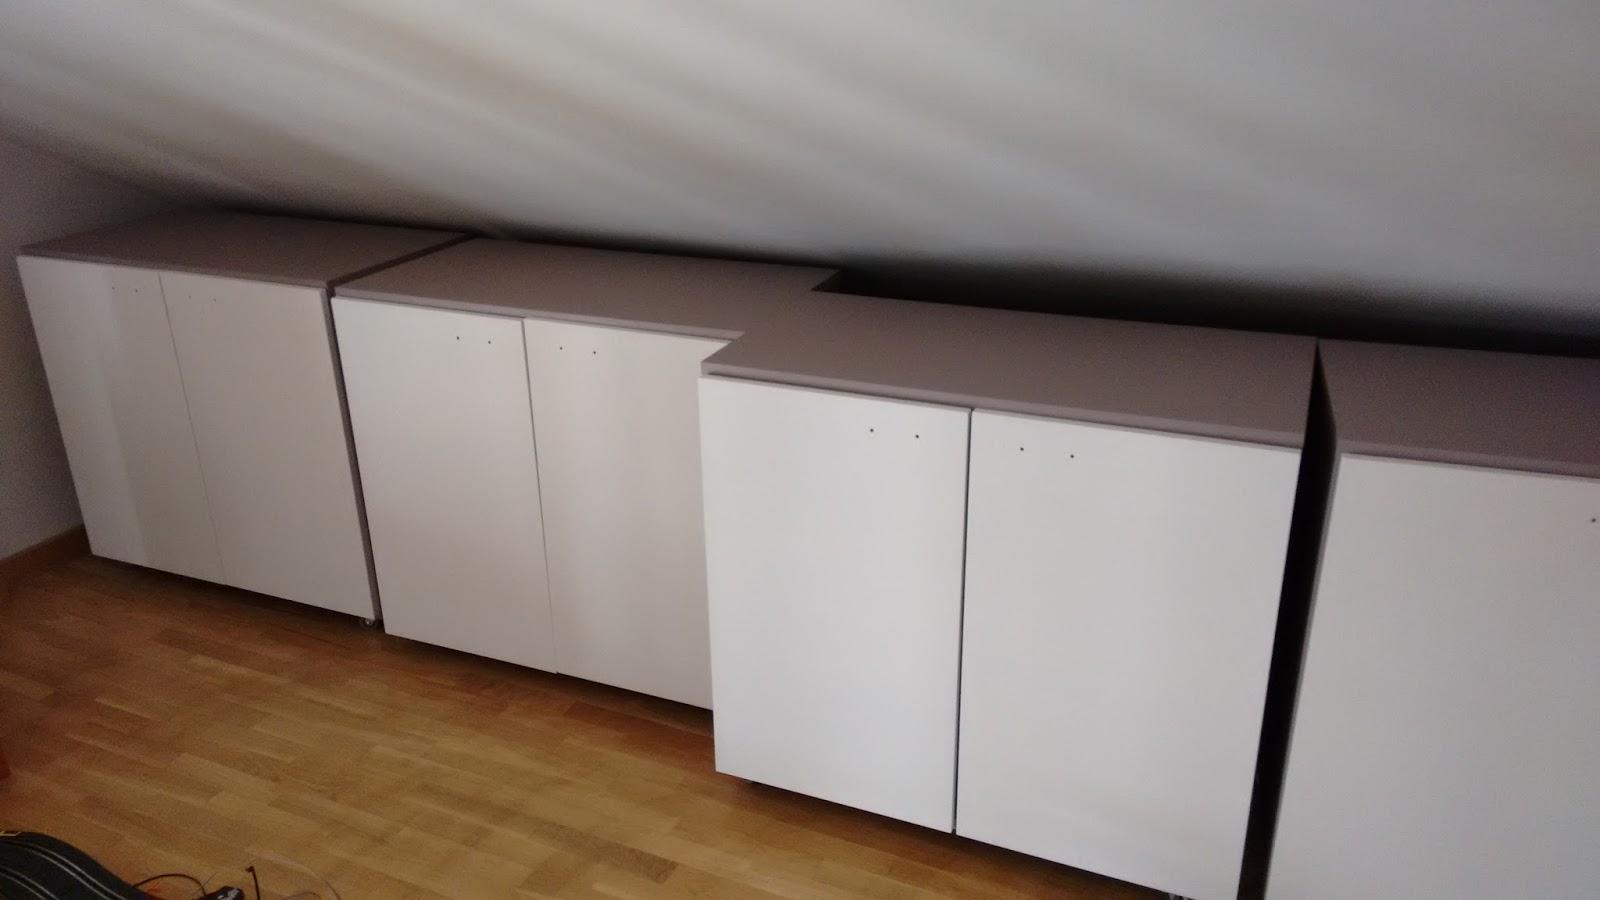 Muebles Buhardilla Obtenga ideas Diseo de muebles para su hogar